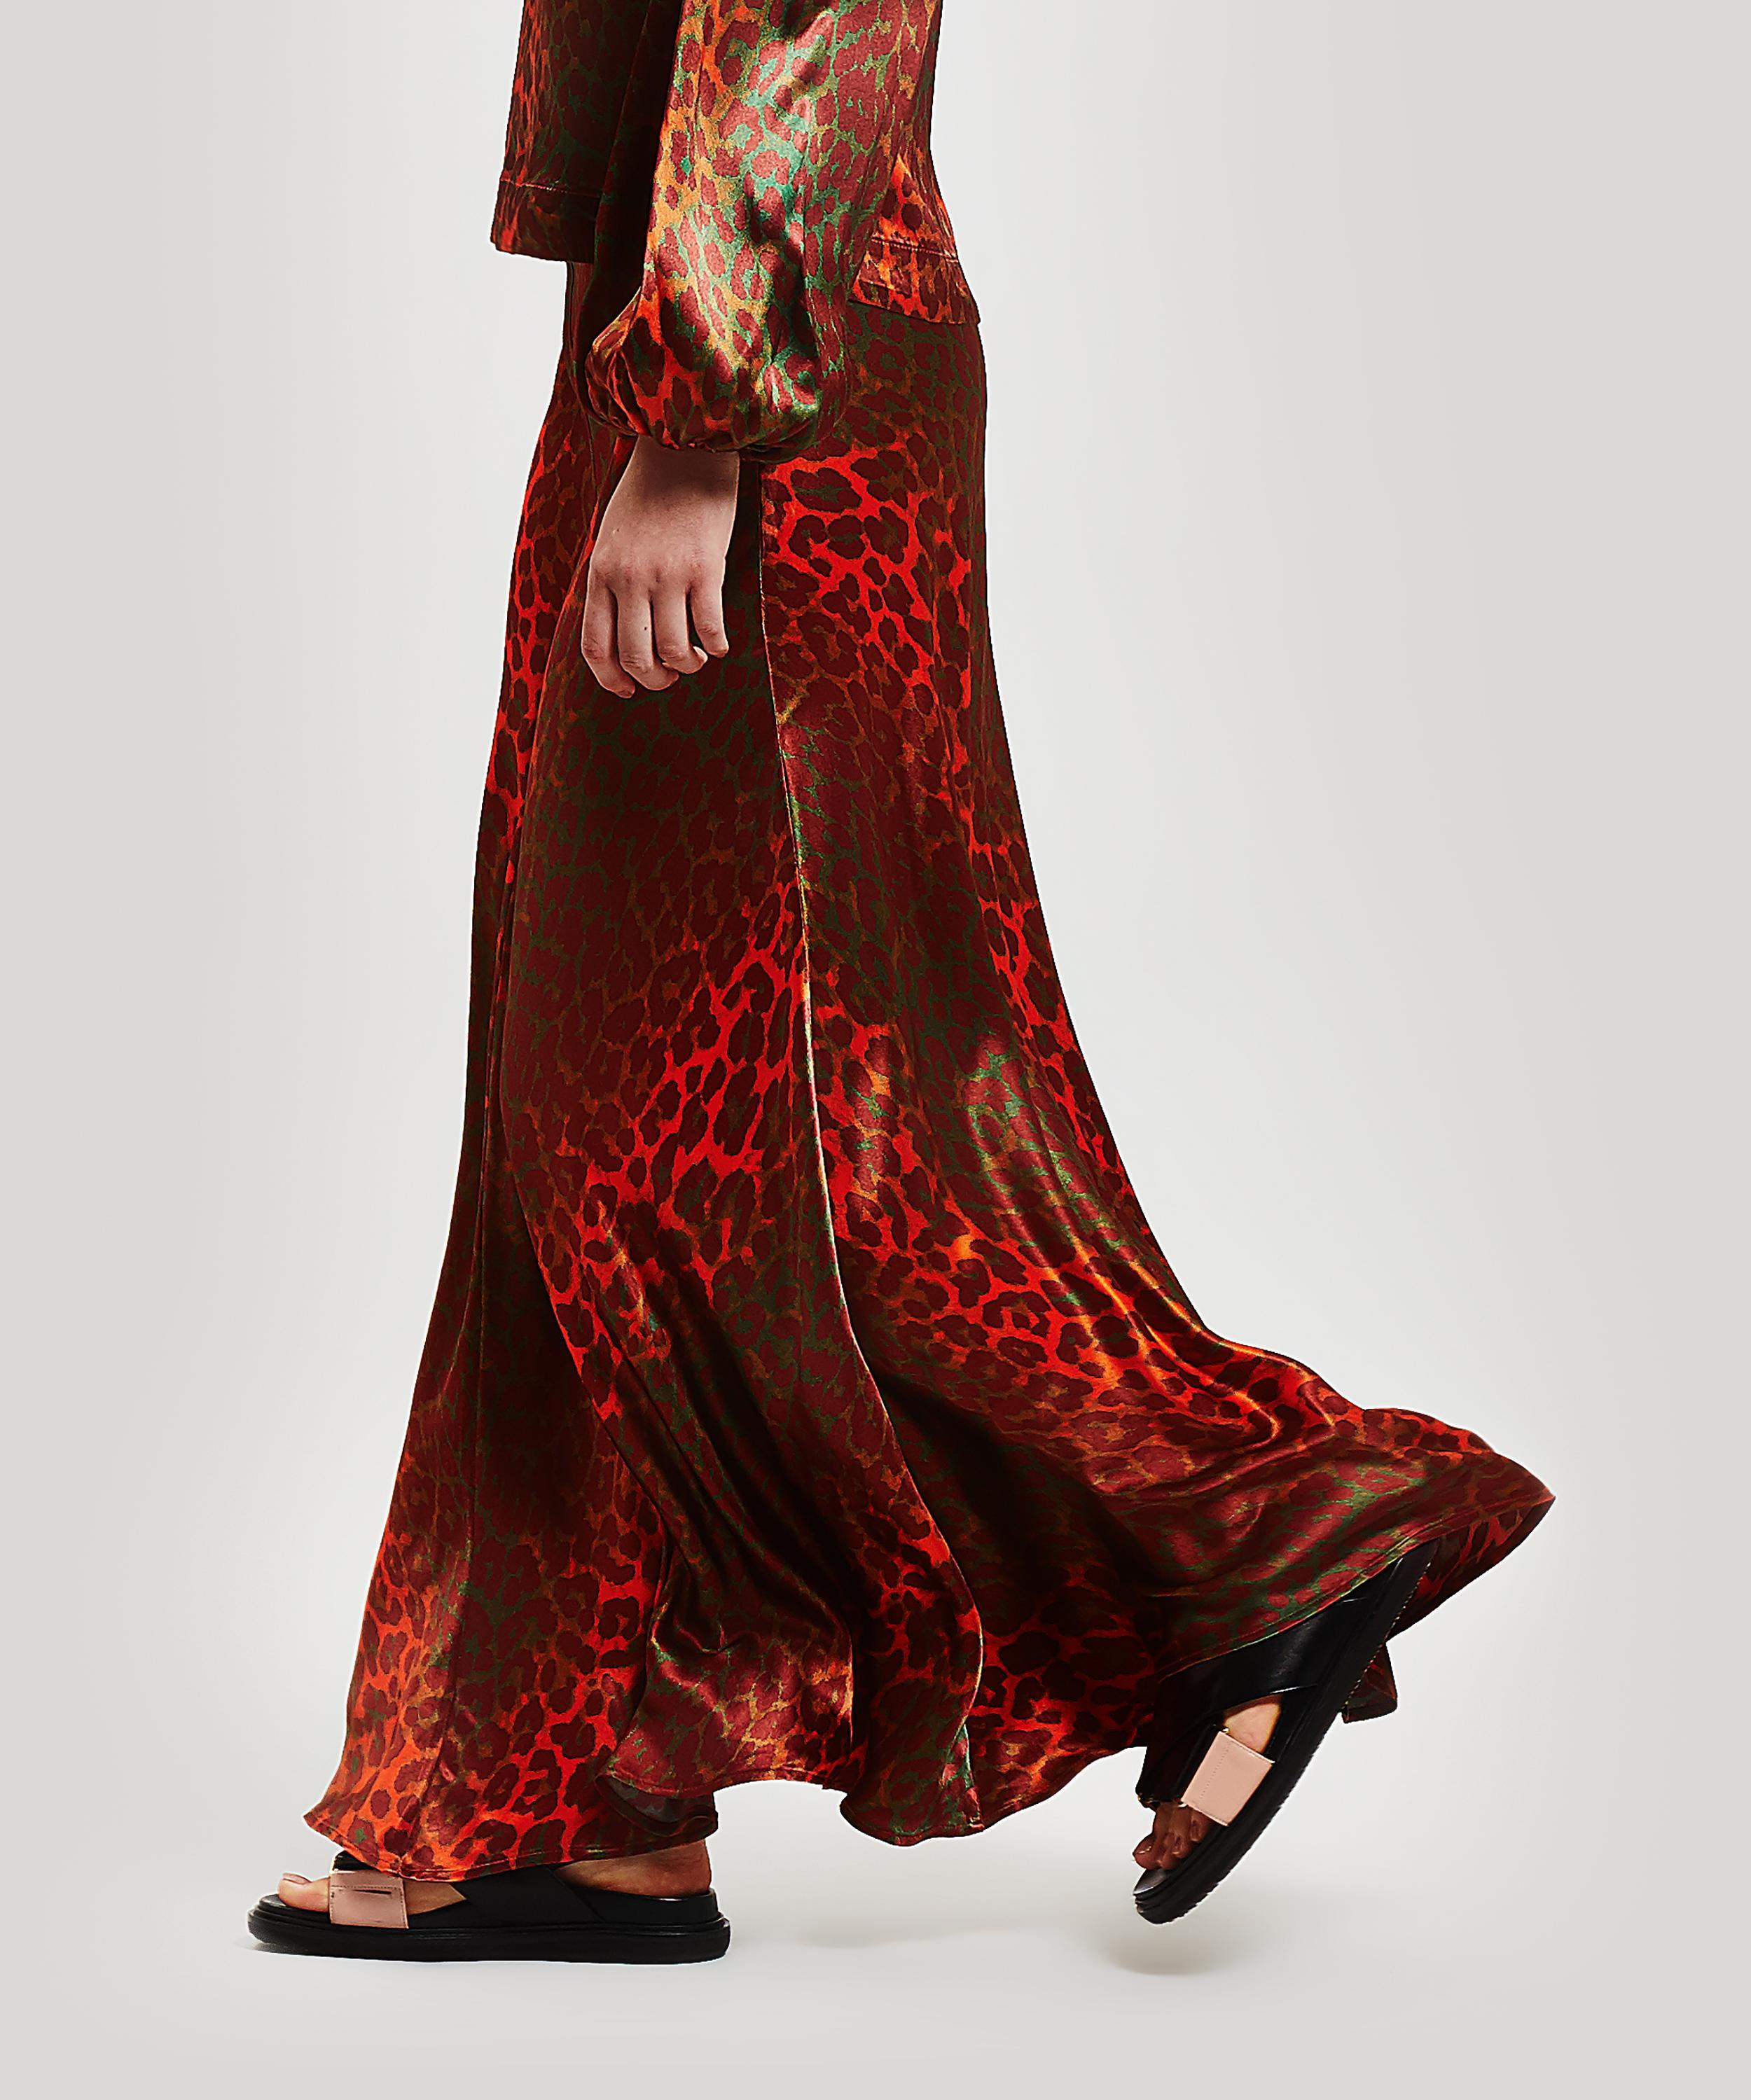 2b316843f ... Leopard Print Heavy Satin Maxi-skirt - Lyst. View fullscreen